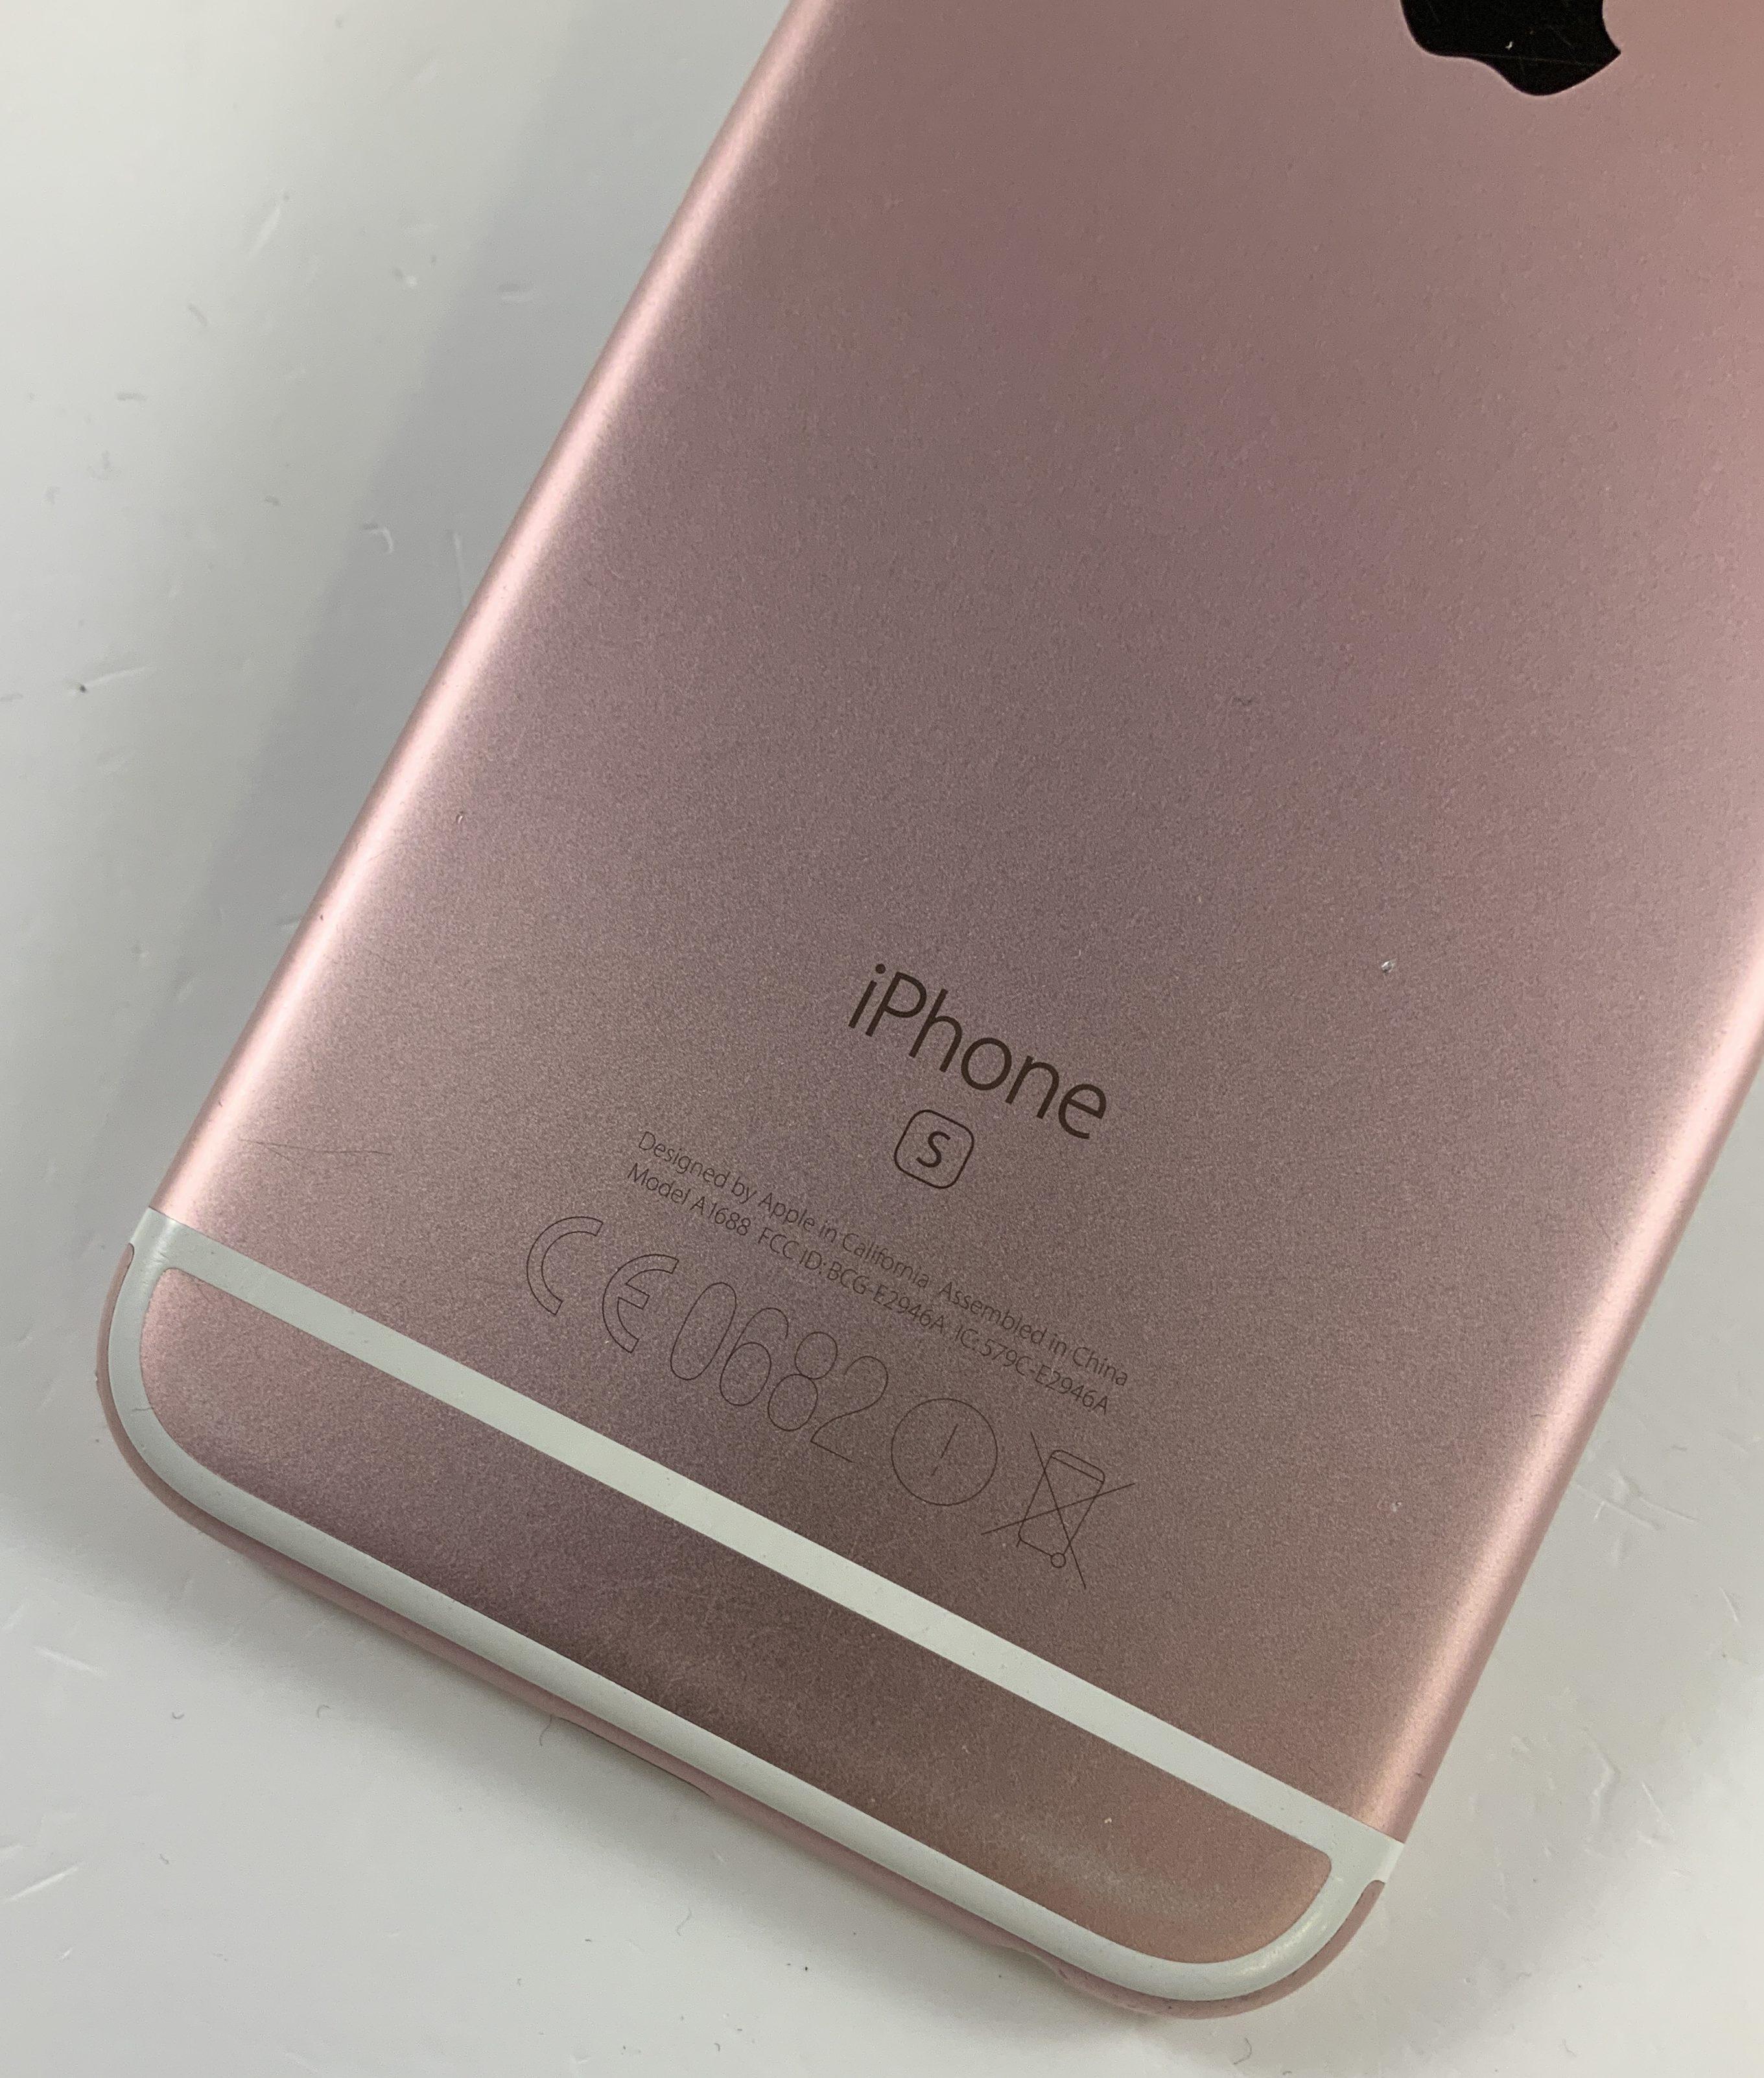 iPhone 6S 16GB, 16GB, Rose Gold, imagen 3